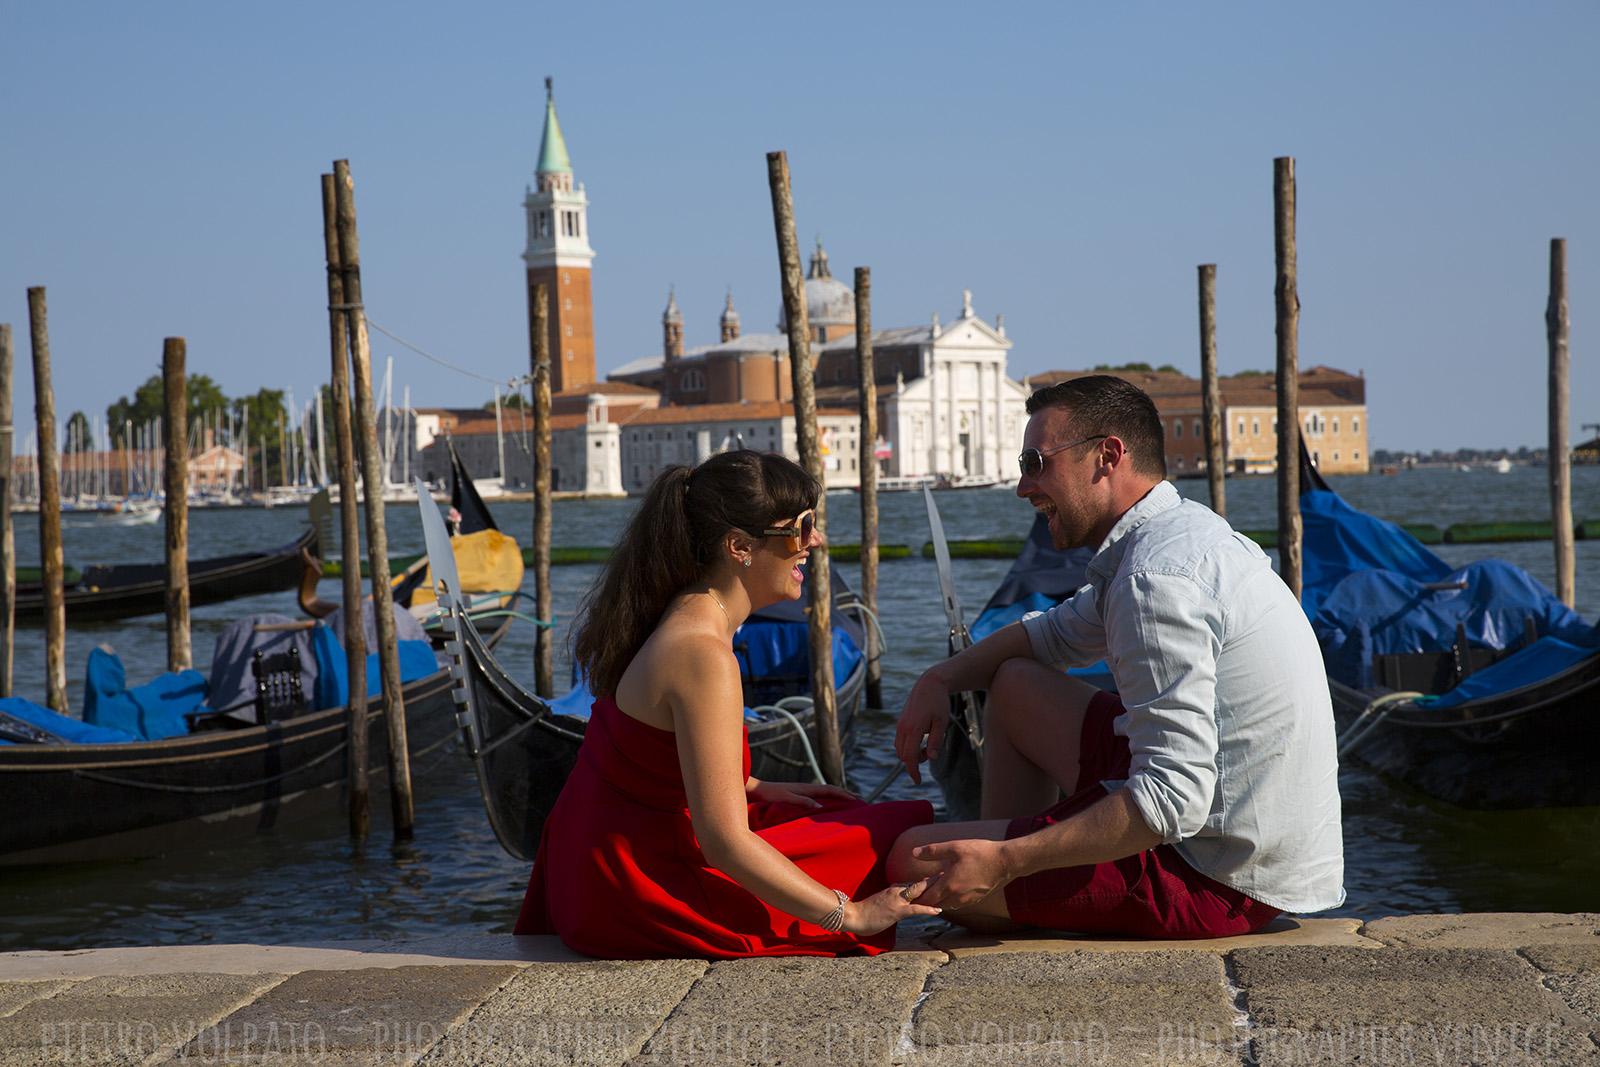 Venezia servizio fotografico coppia durante una romantica e divertente passeggiata e giro in gondola ~ Fotografo a Venezia per coppie